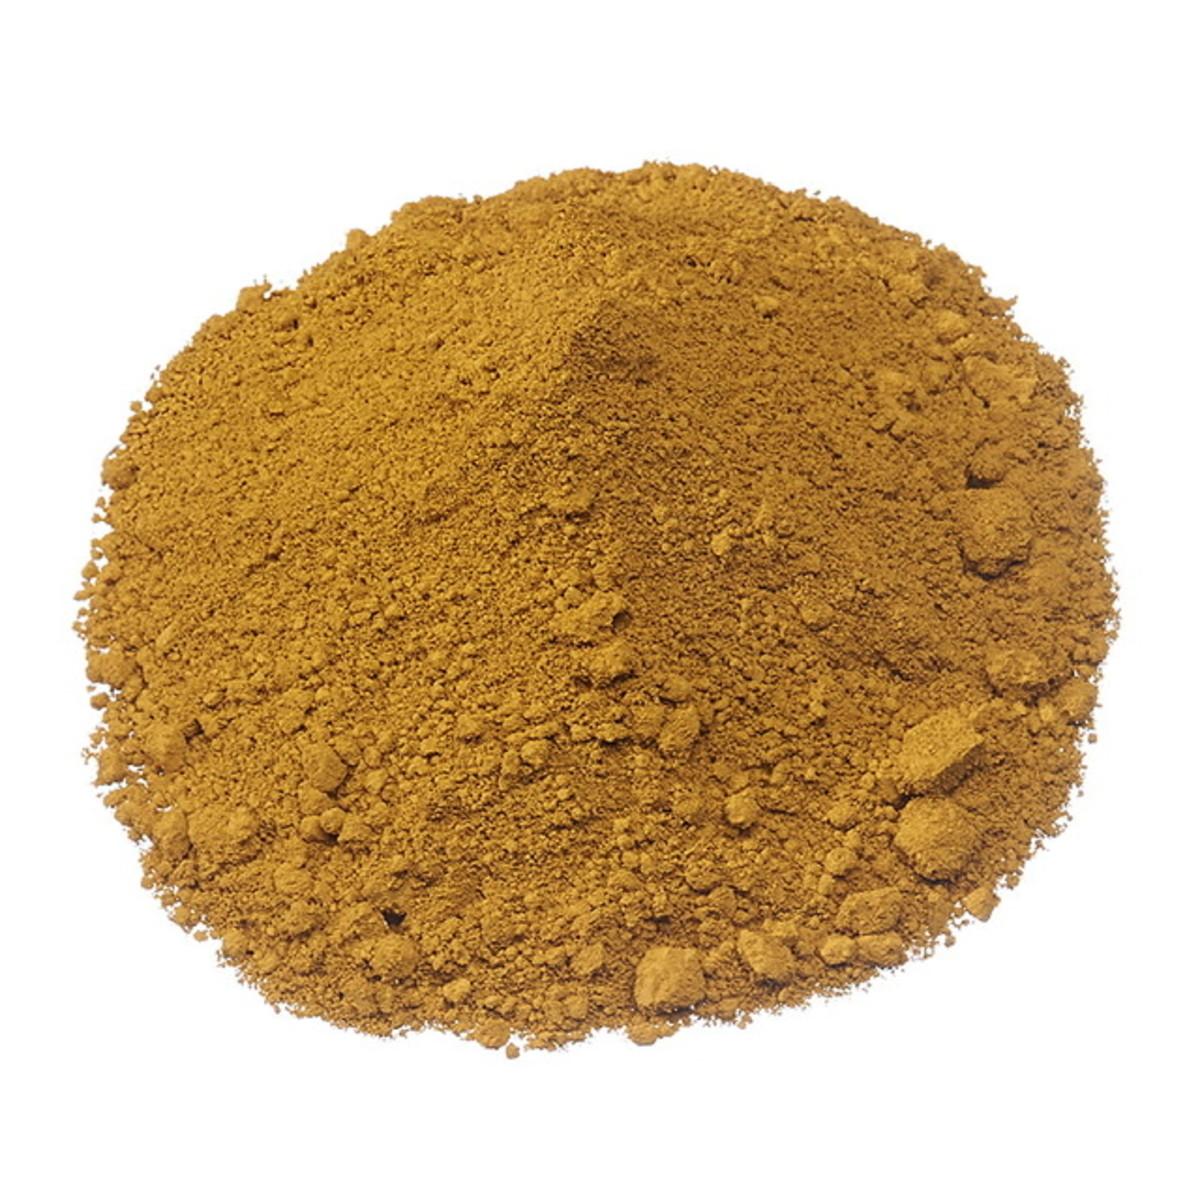 Inorganic Yellow Pigments